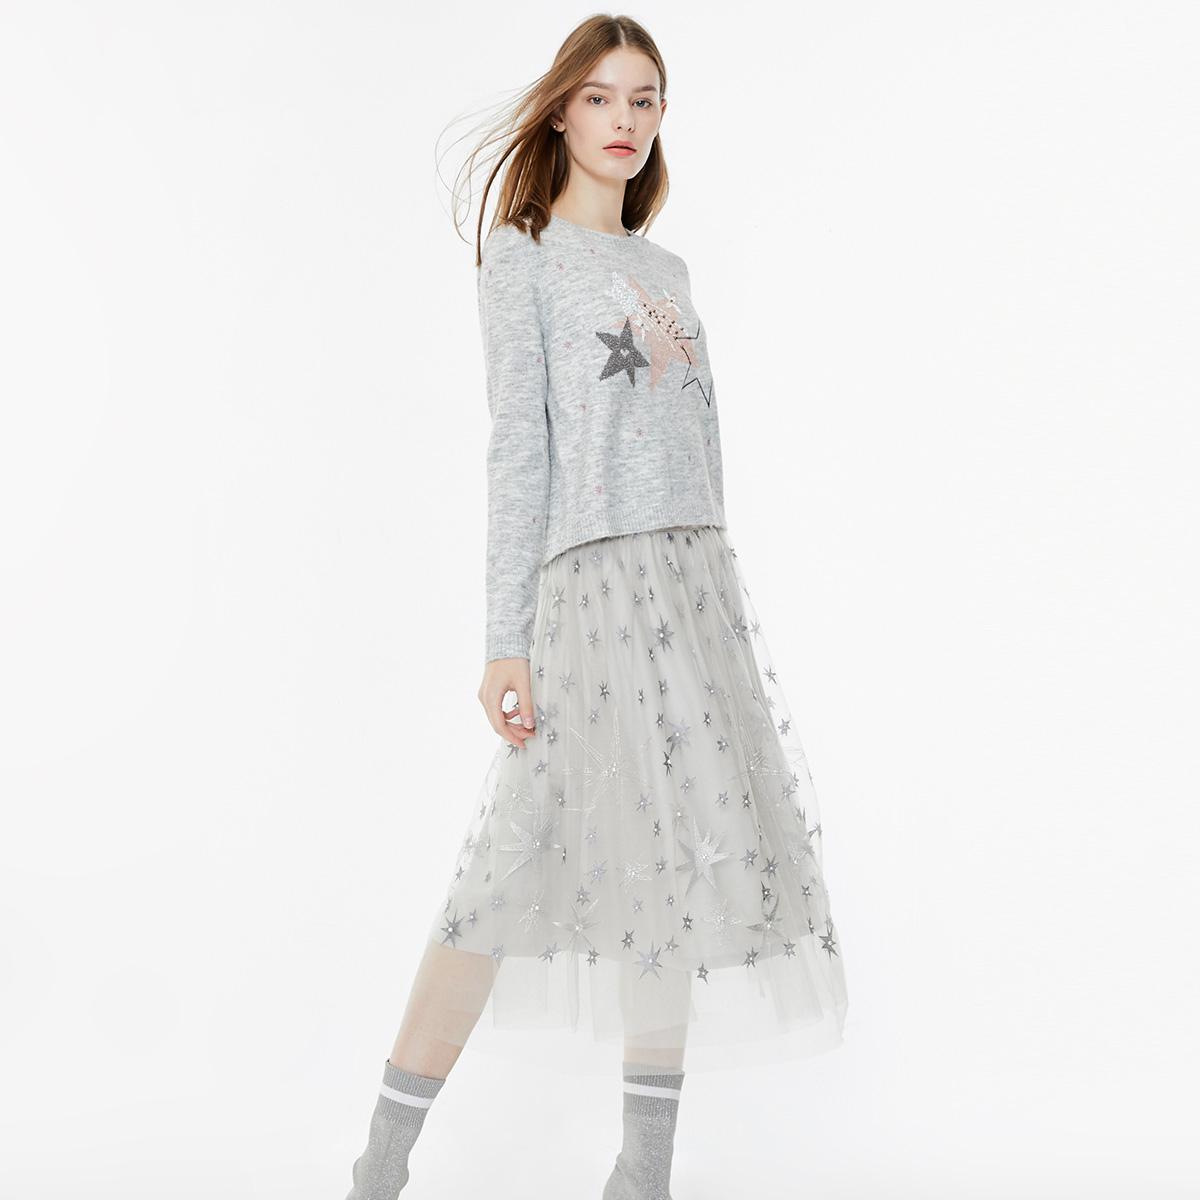 [聚]【关晓彤同款】ONLY春季新款针织两件套连衣裙女|119446520